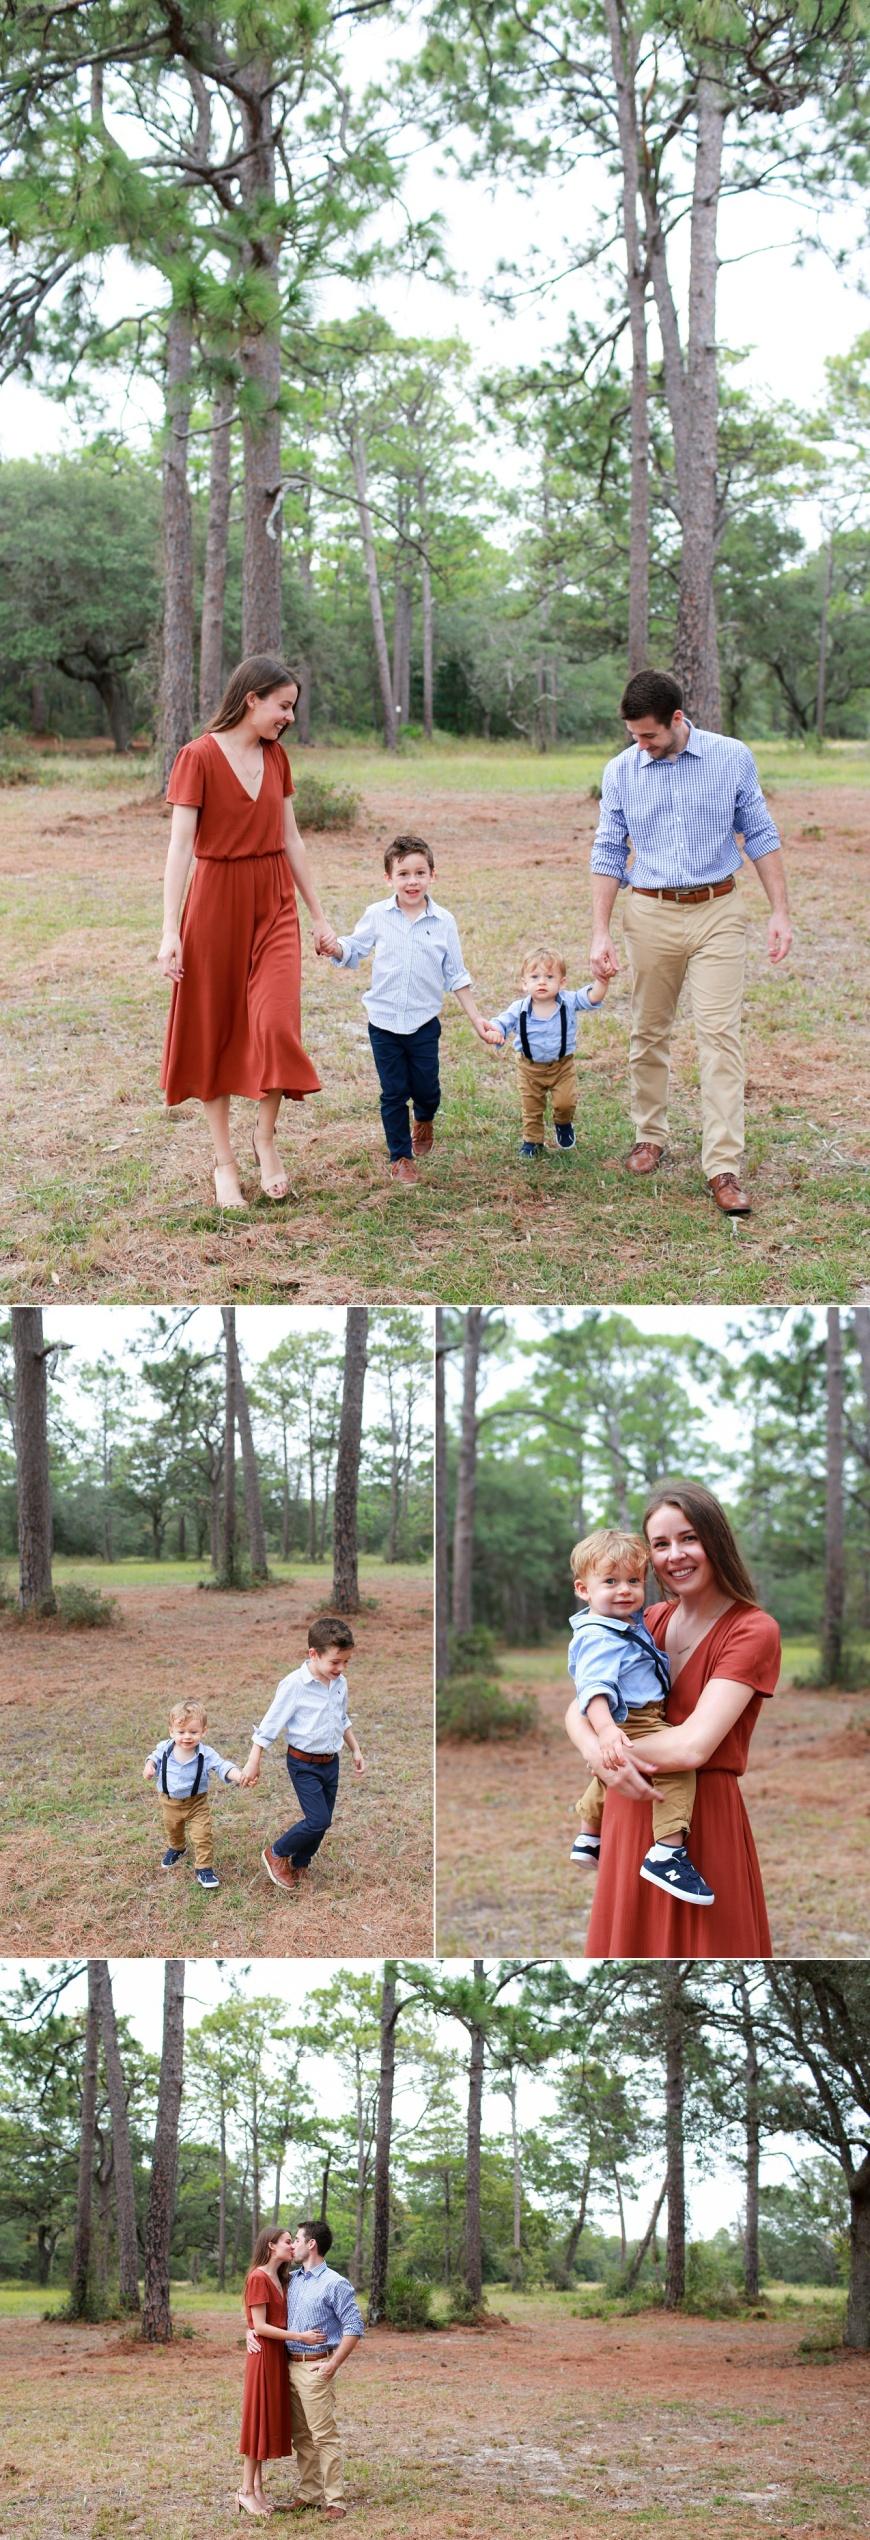 White-Point-Park-Niceville-Florida-Family-Photographer_1017.jpg